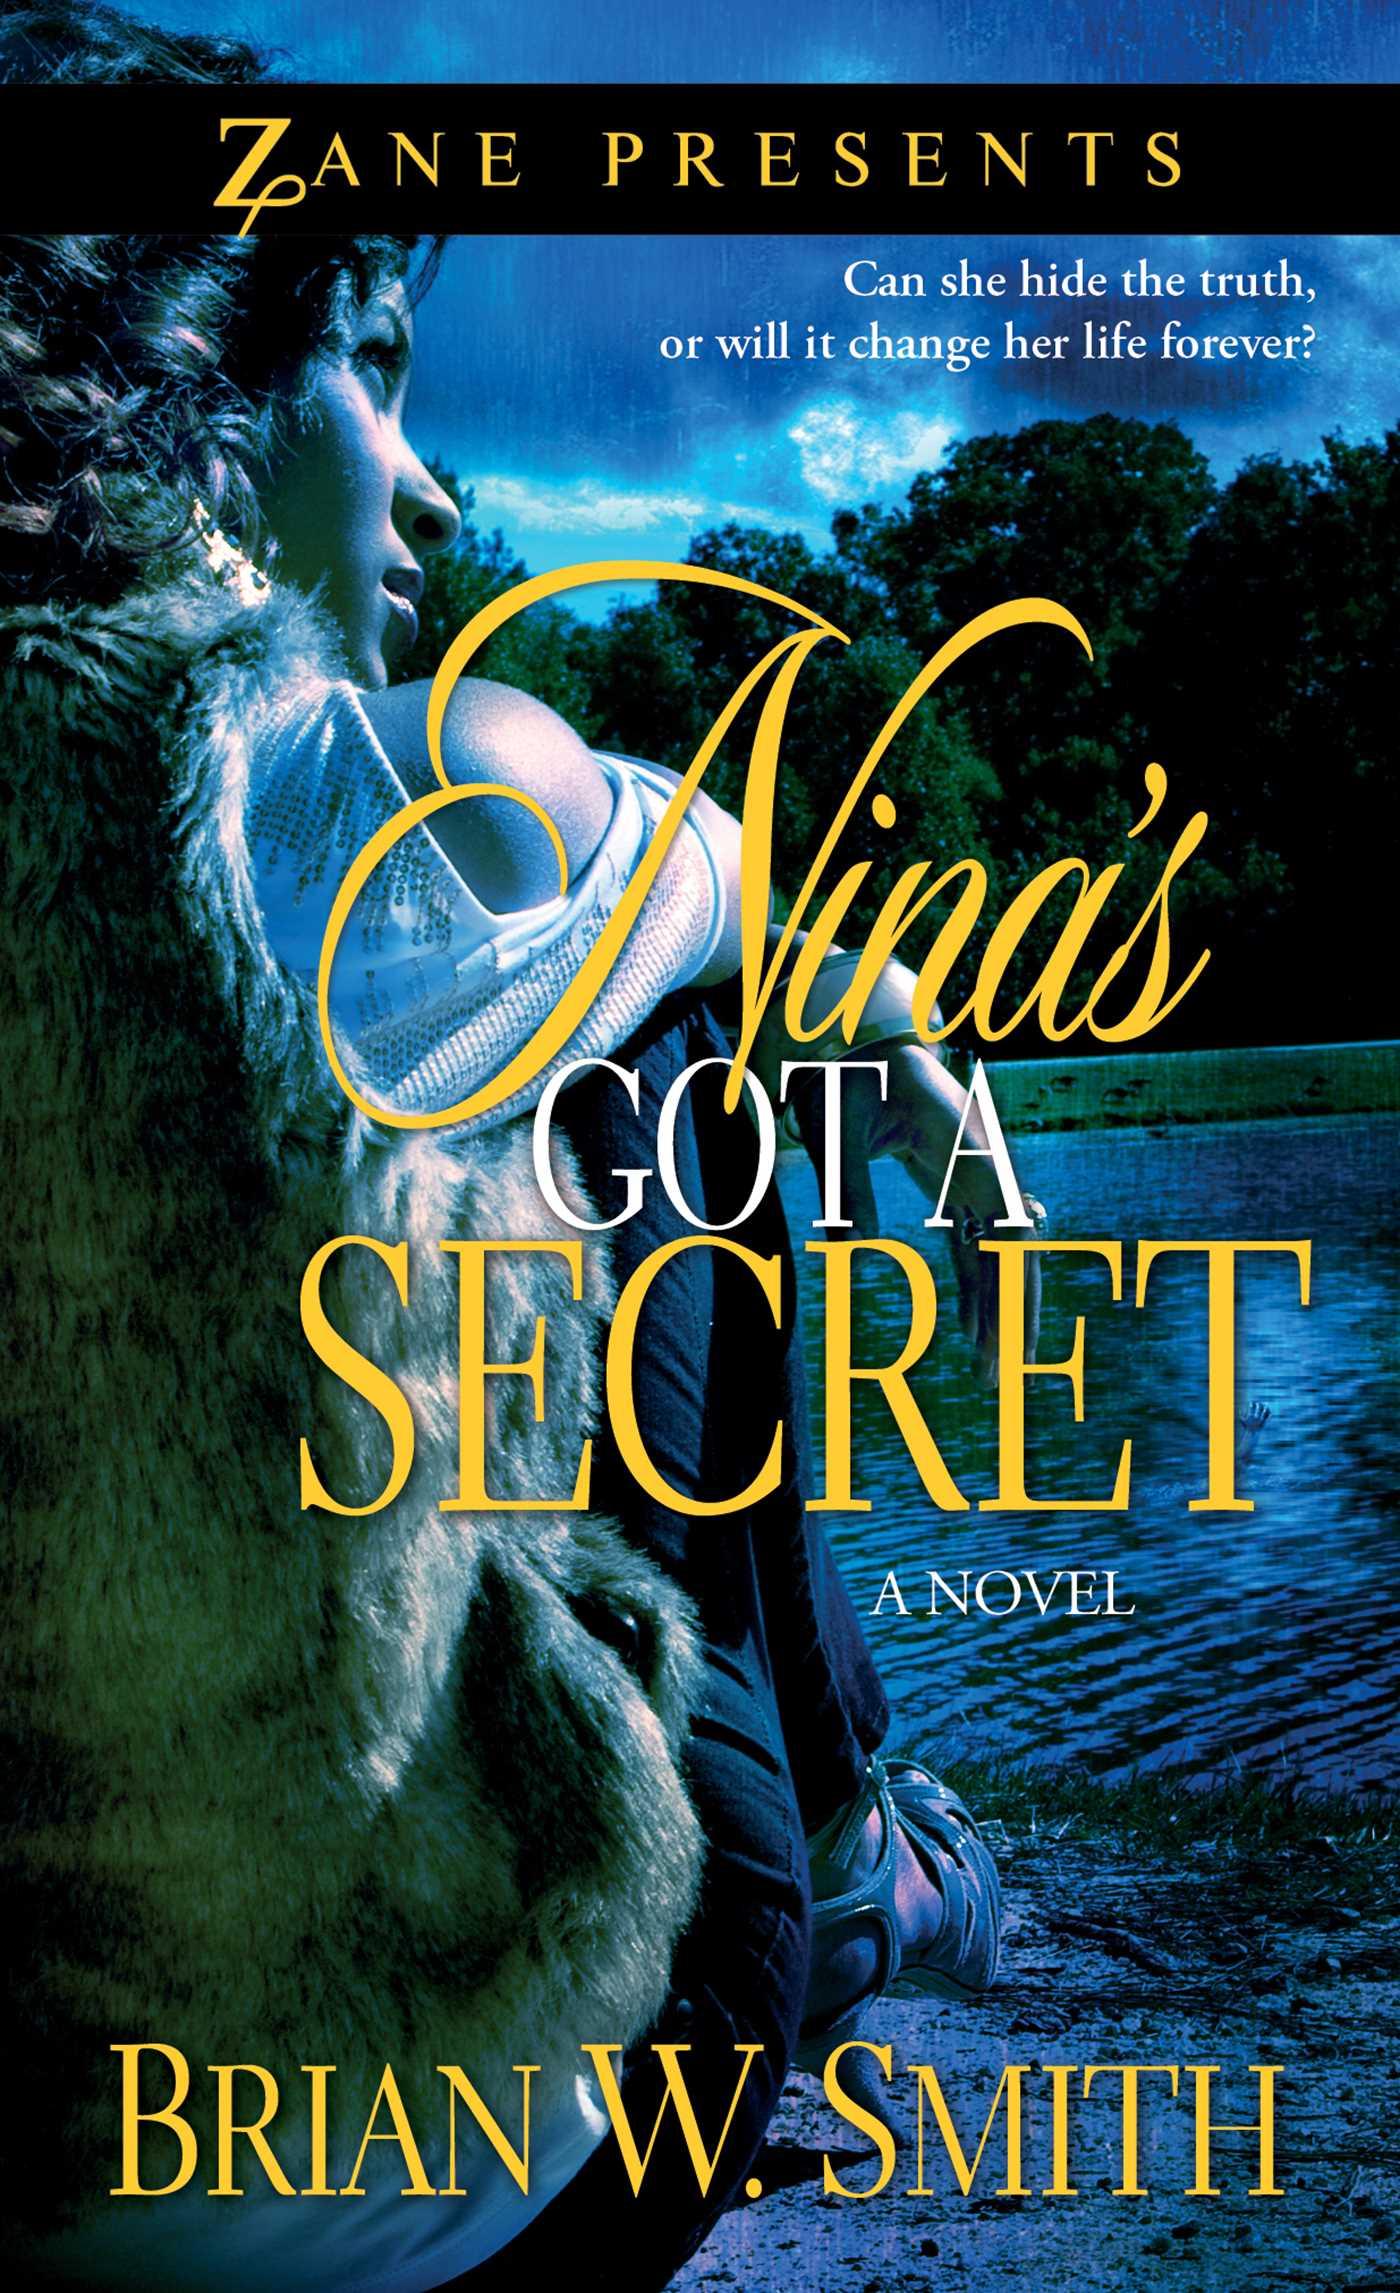 Ninas got a secret 9781593094126 hr